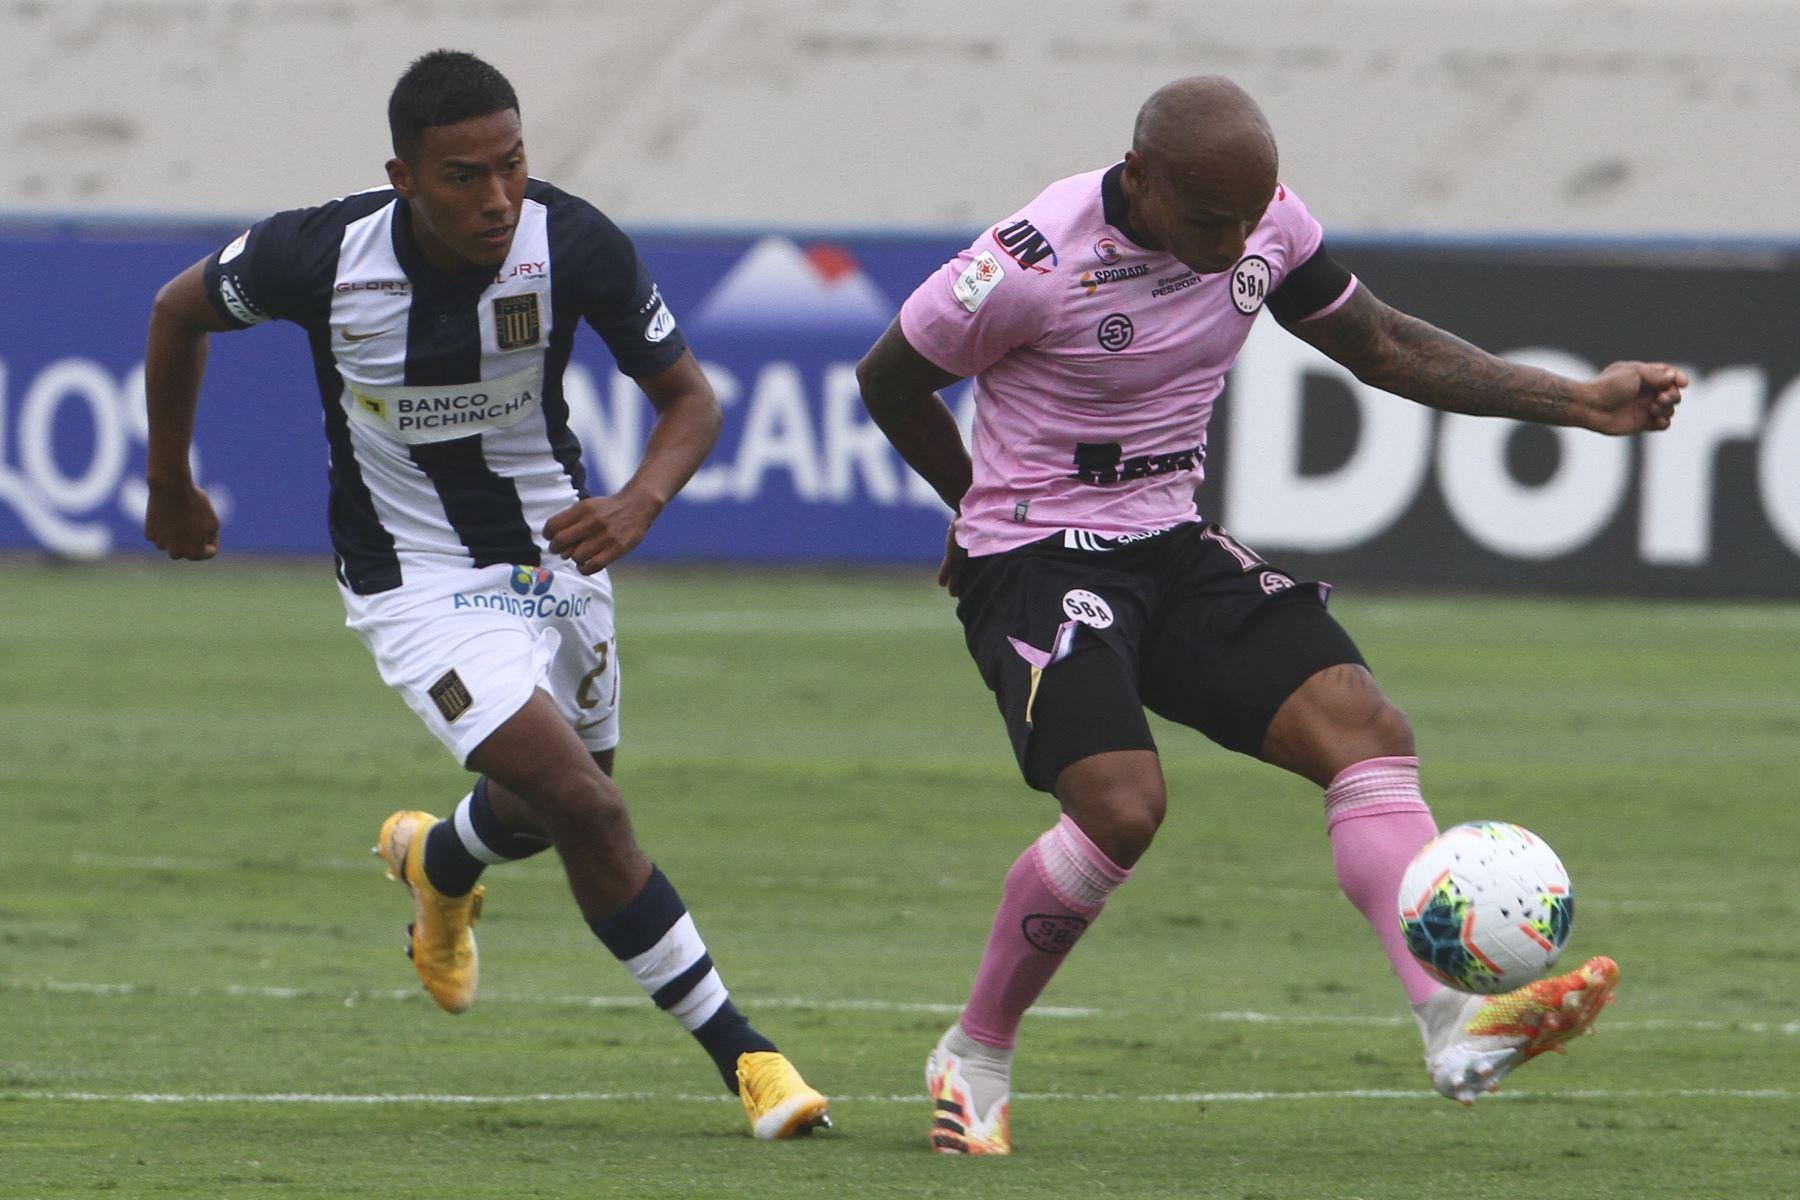 Sport Boys y Alianza Lima se miden por la octava fecha de la Fase 1 de la Liga 1 Betsson en el estadio Alberto Gallardo. Foto: FPF